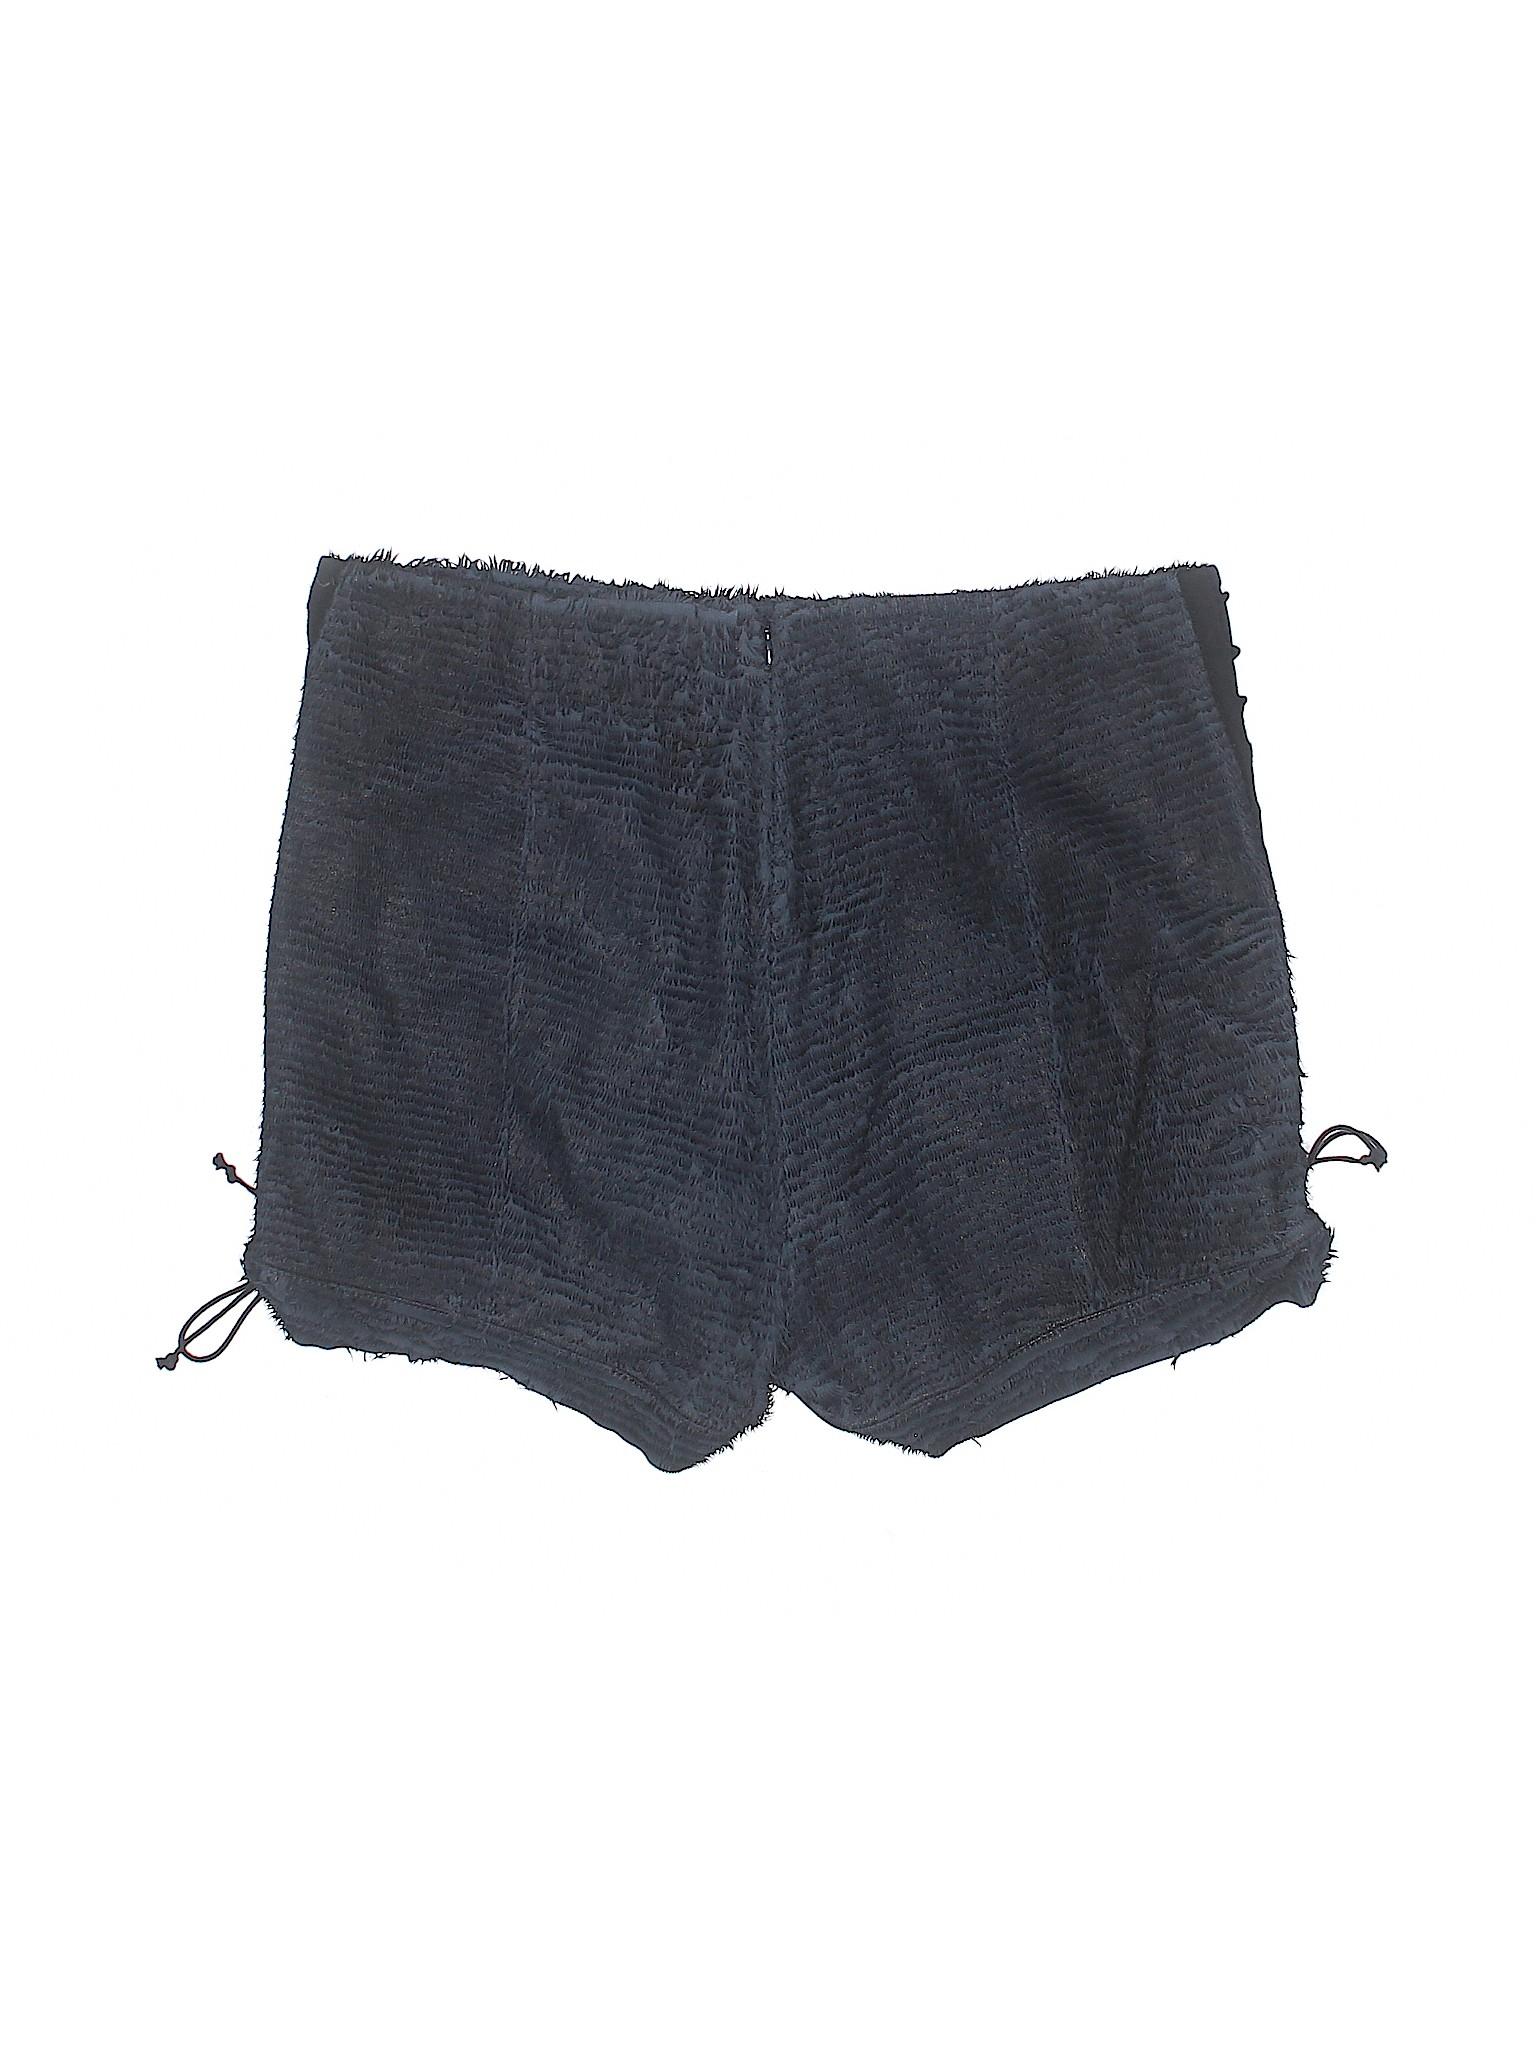 leisure Boutique Rag amp; Bone Shorts HwRZXx